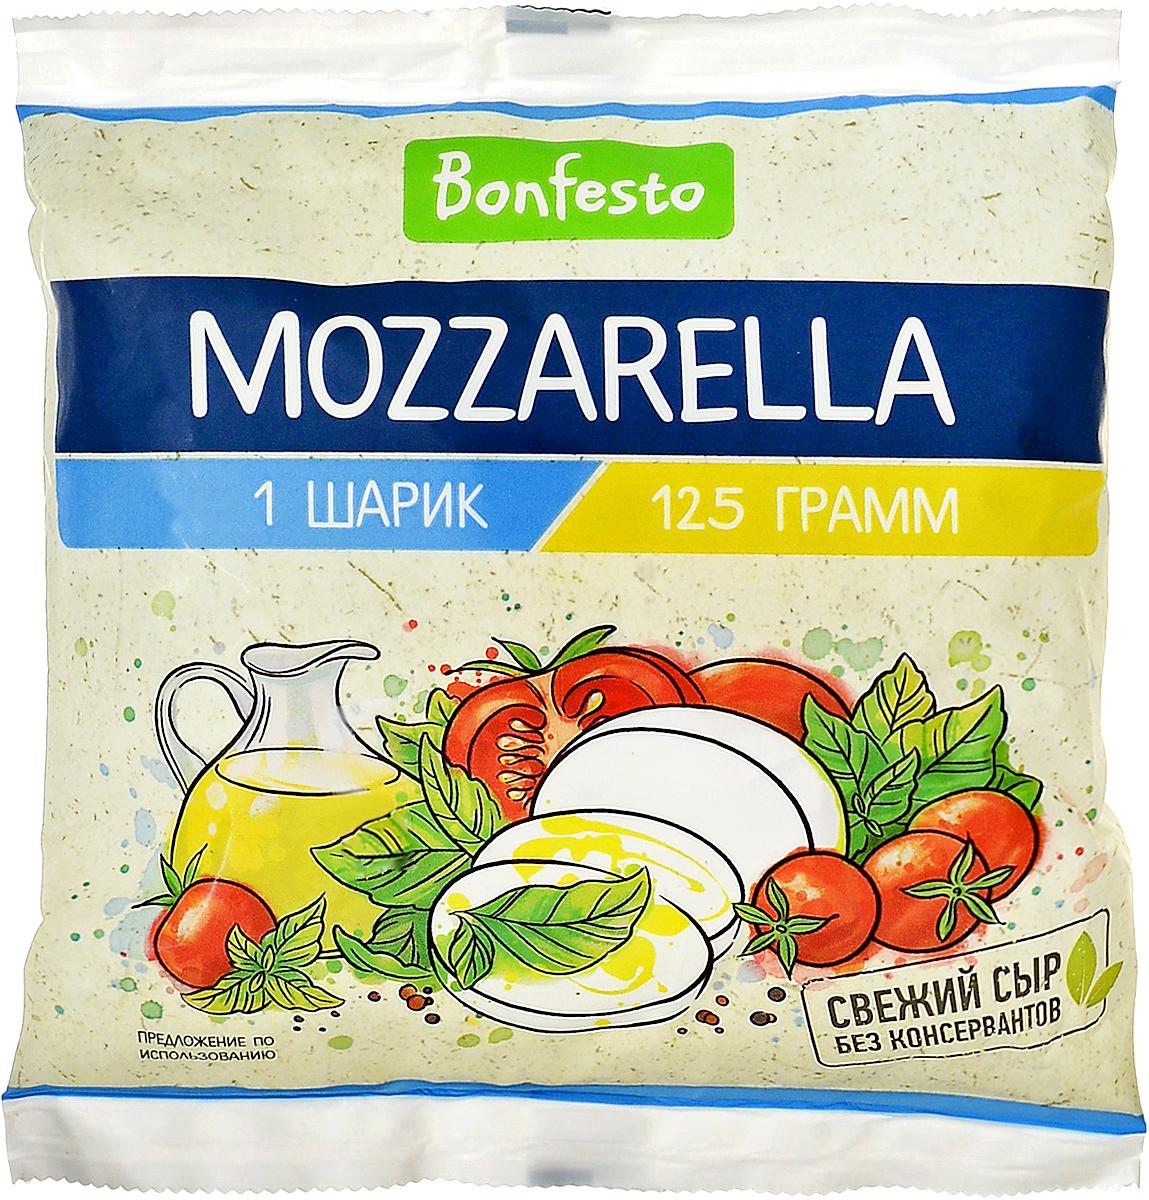 Bonfesto Сыр мягкий Моцарелла 45%, 125 г bonfesto сыр мягкий моцарелла 45% 125 г